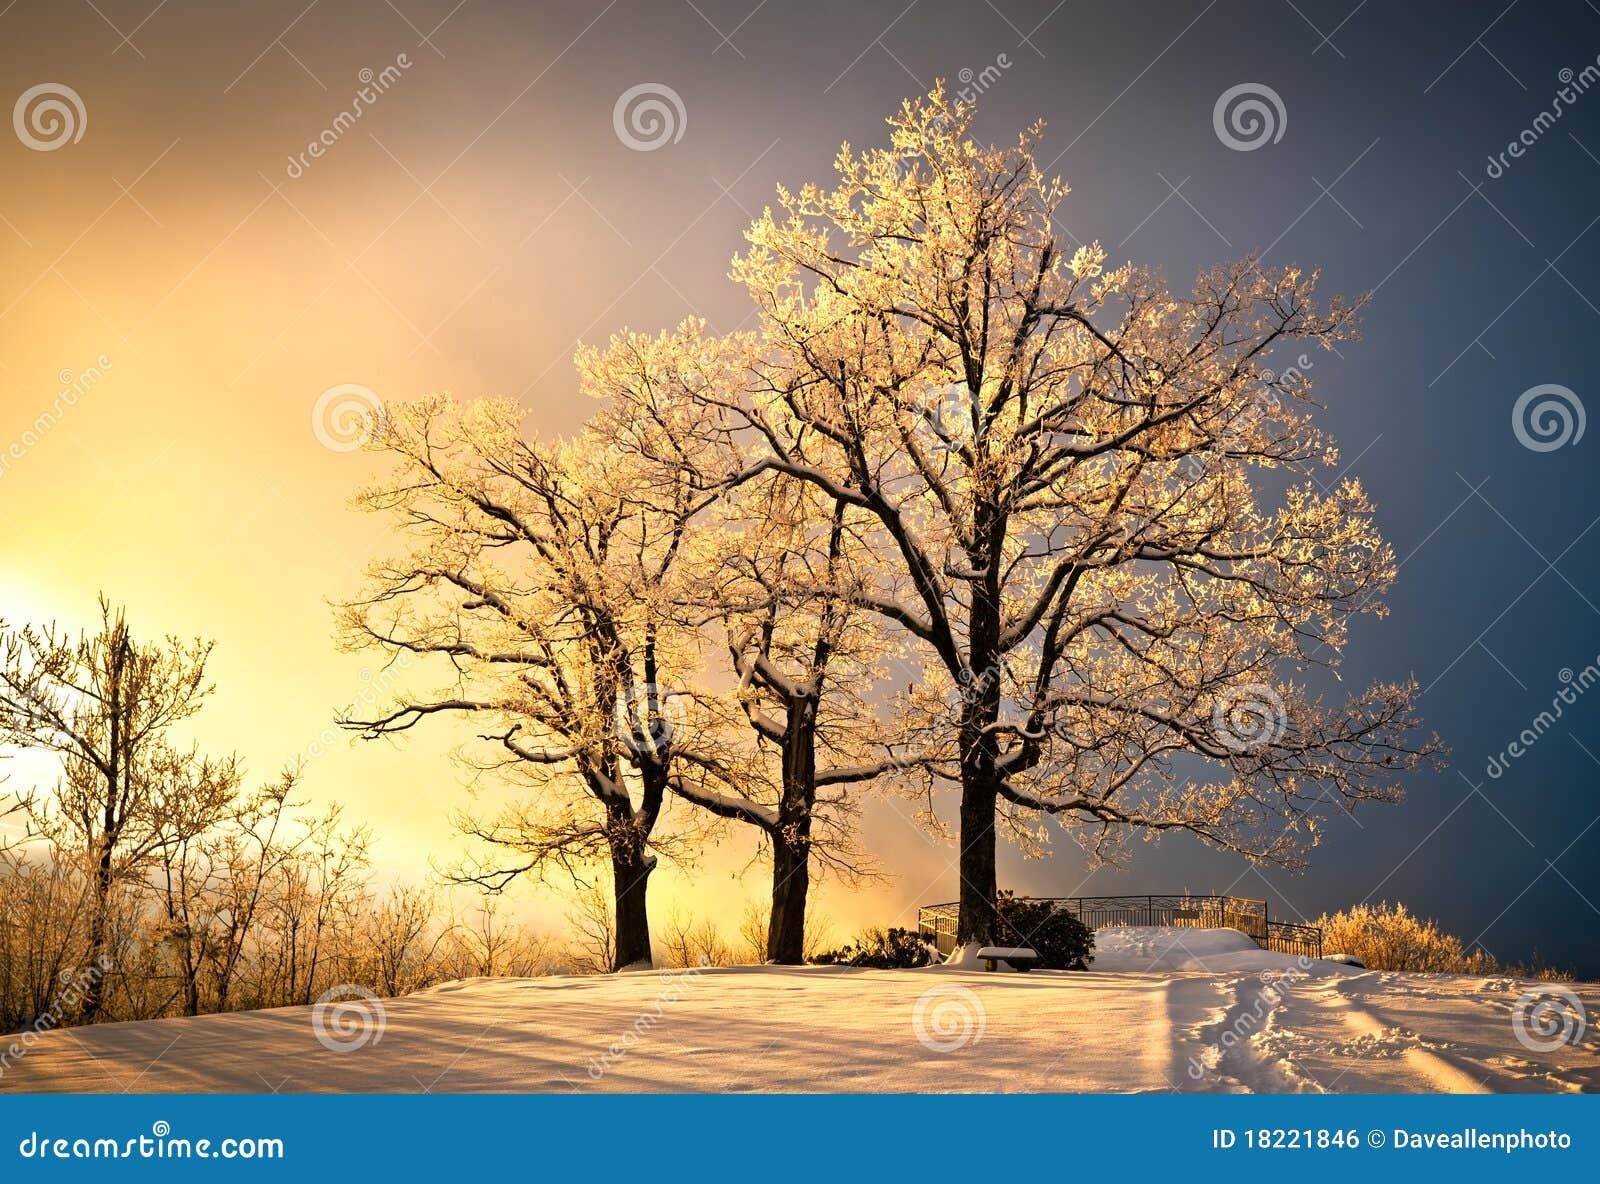 冷报道的霜冰橡木雪结构树冬天